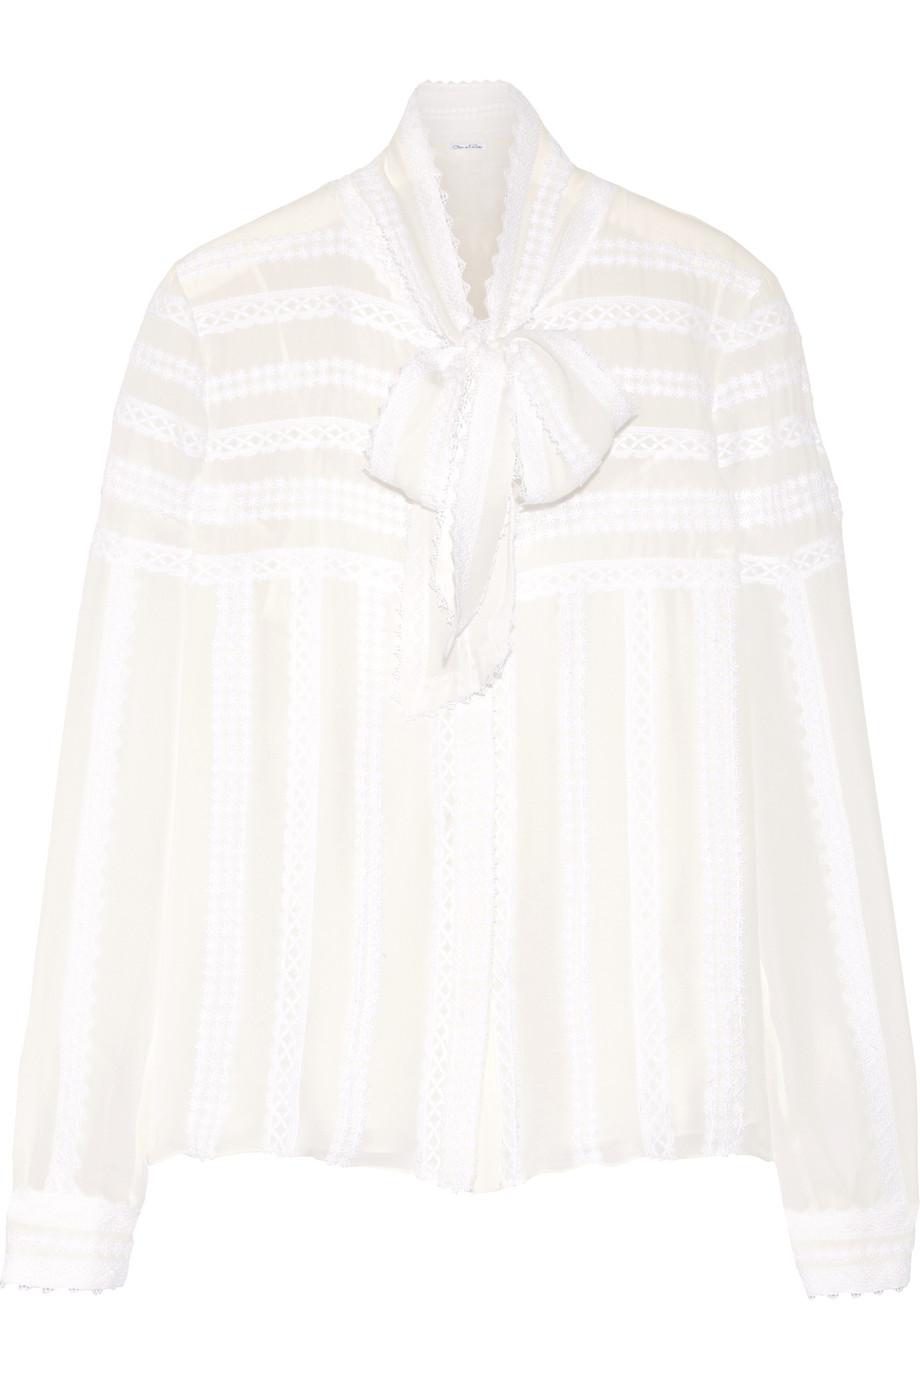 Oscar De La Renta Pussy-Bow Lace-Appliquéd Silk-Chiffon Blouse, Ivory/White, Women's, Size: 10